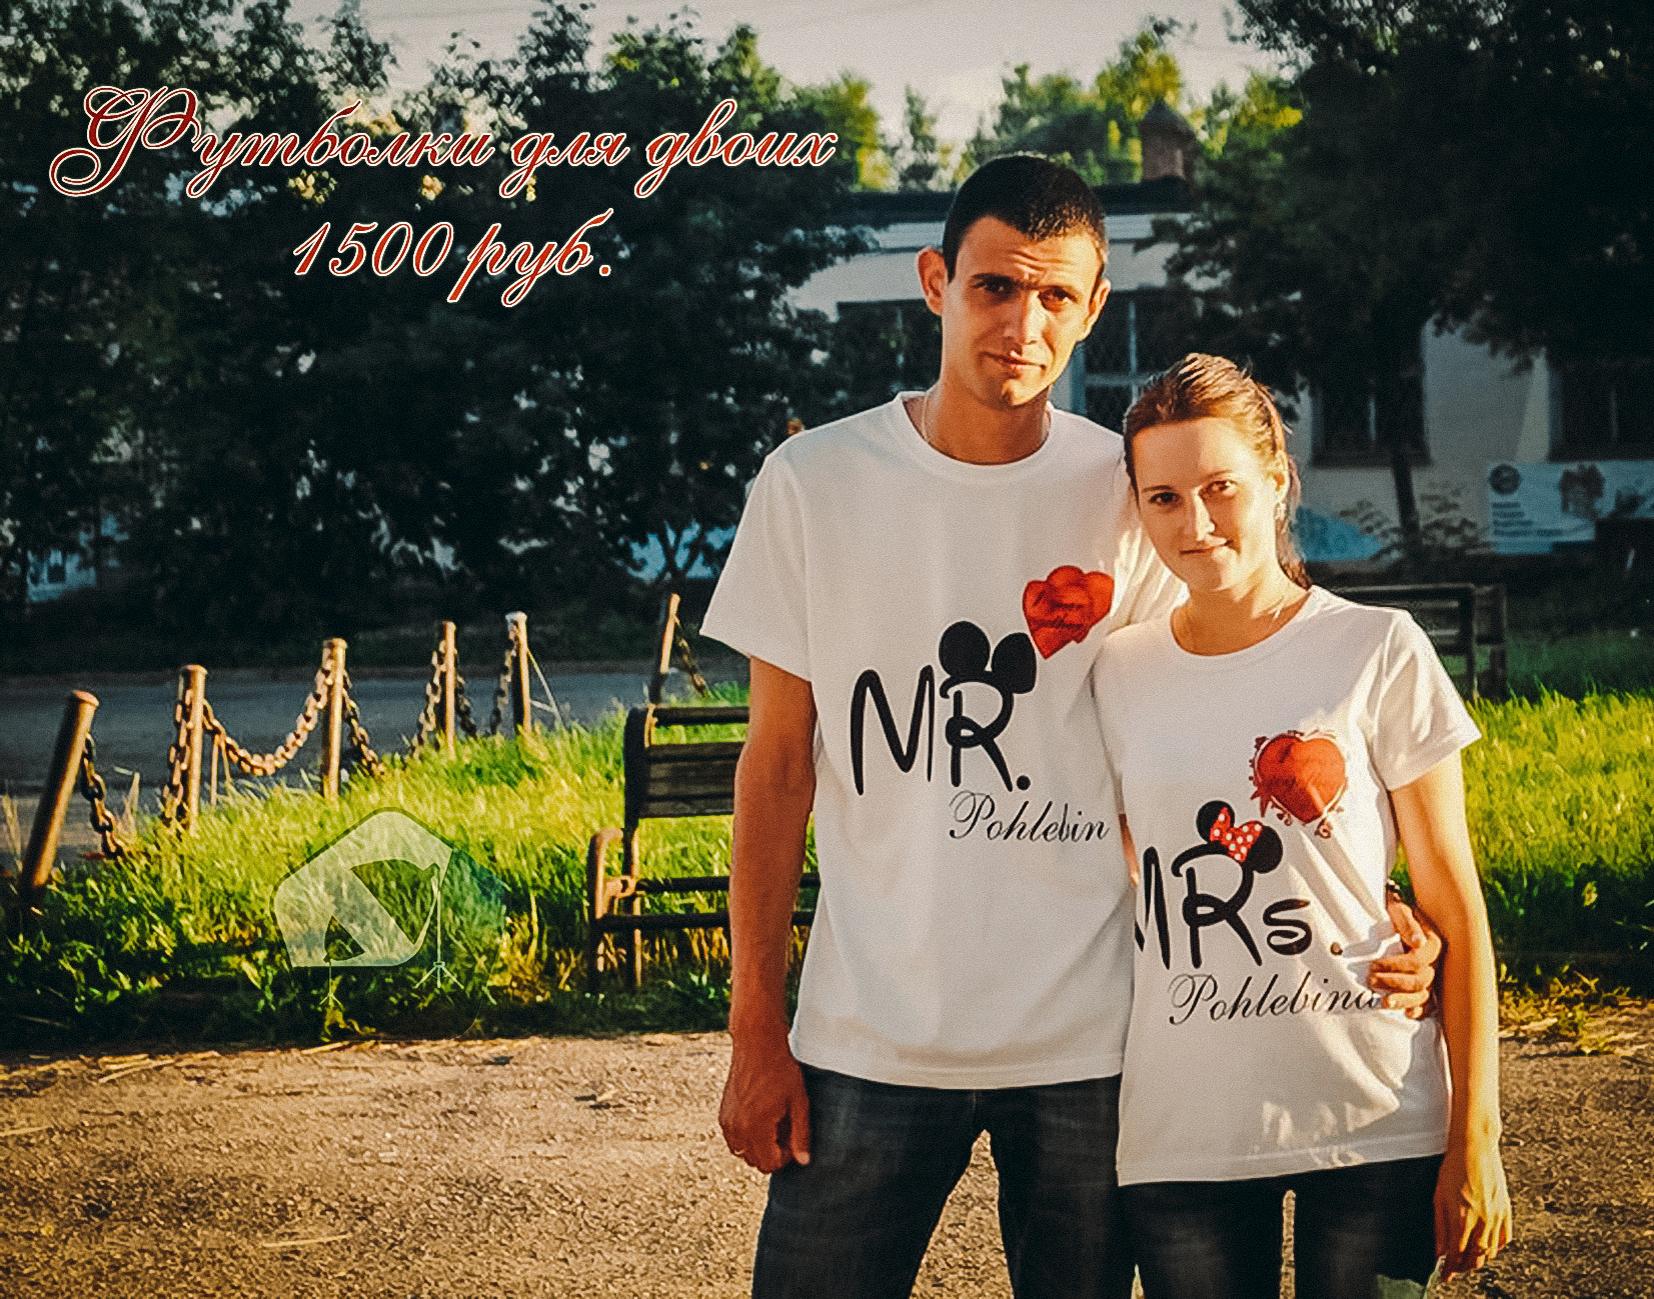 Печать на футболках для двоих, цена за комплект = 1500 руб.